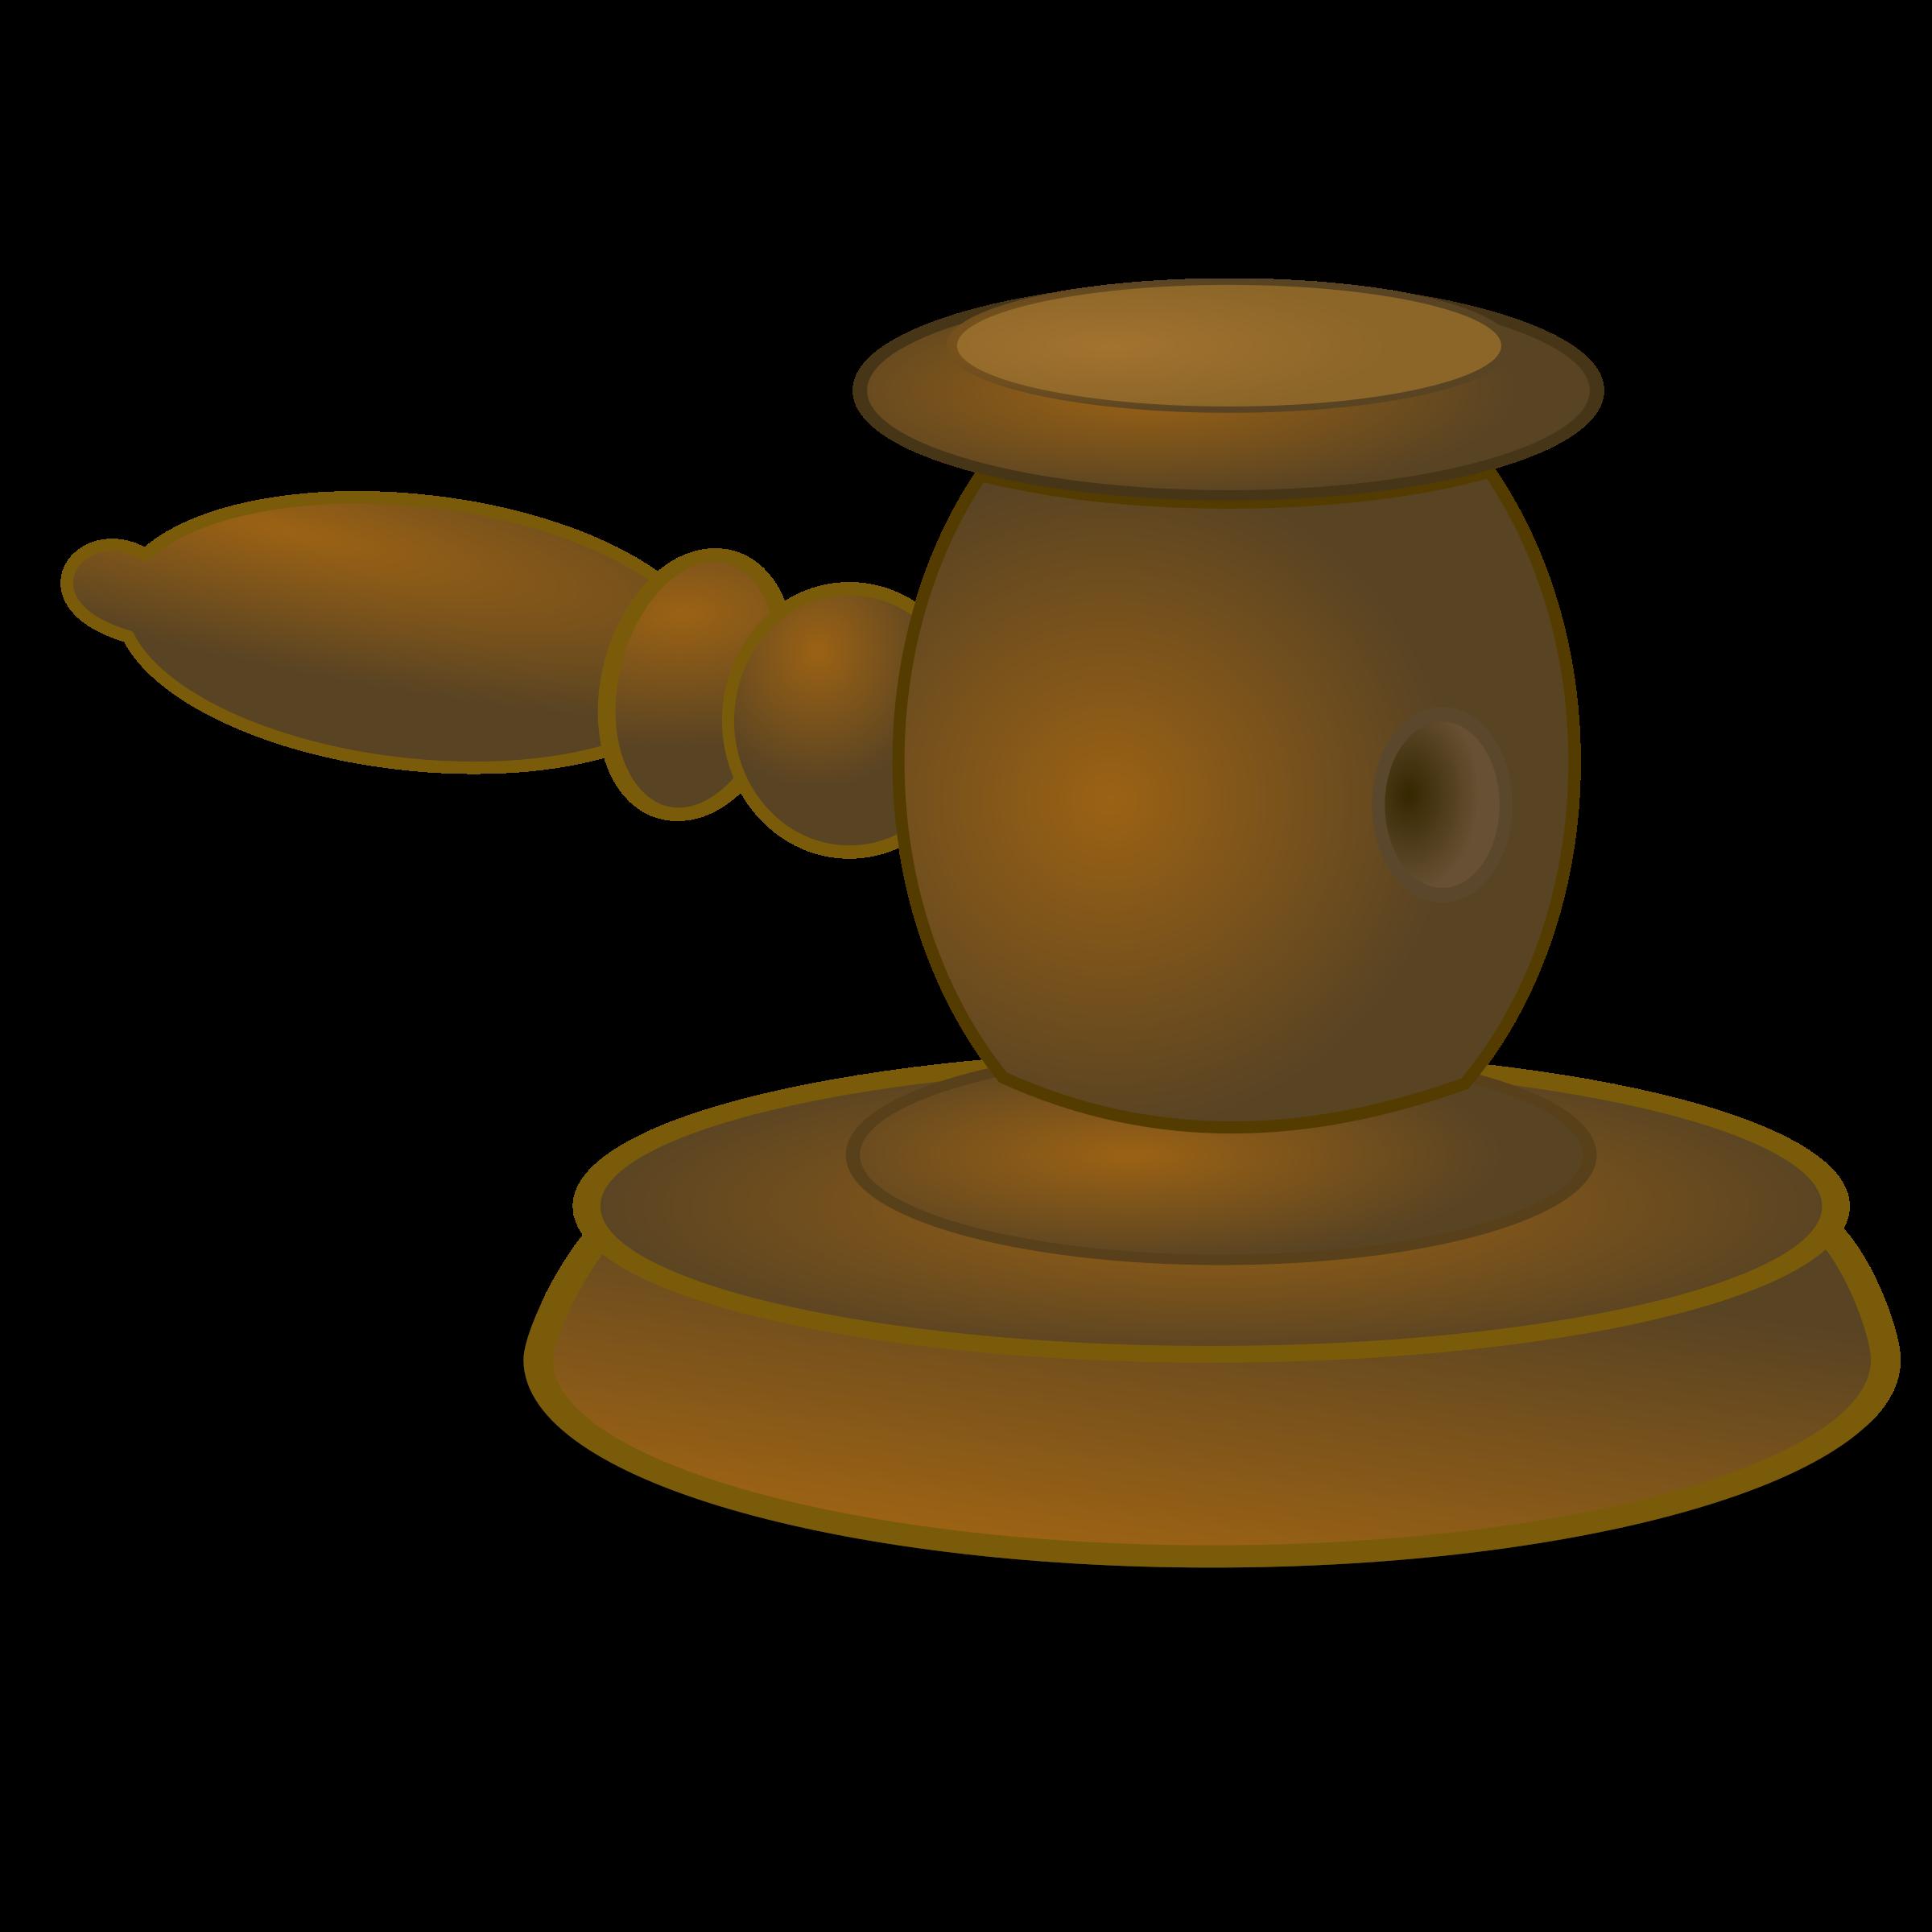 Judge big image png. Clipart hammer judges